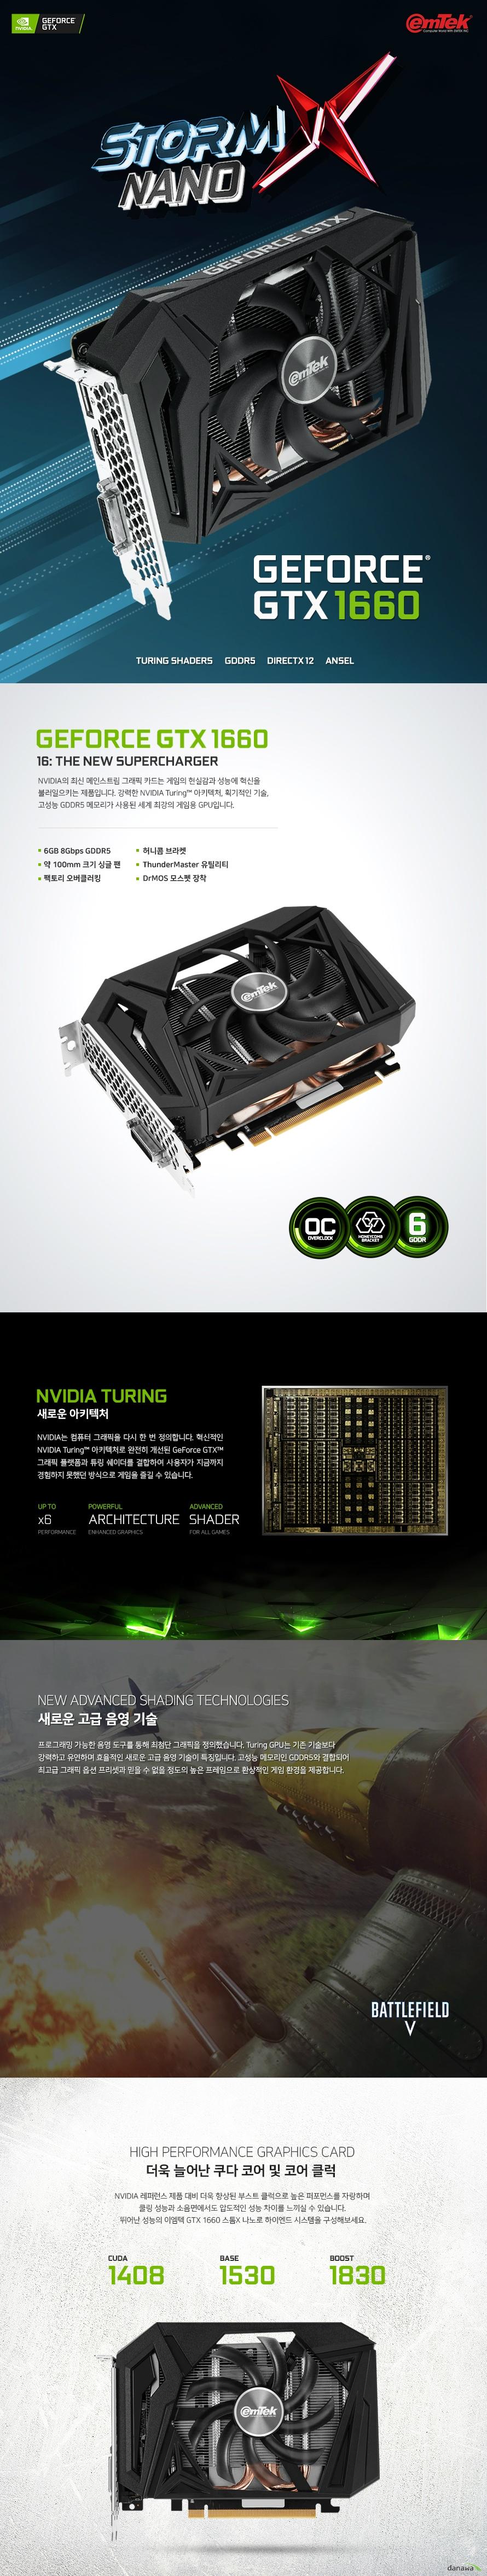 이엠텍 지포스 GTX 1660 STORM X NANO OC D5 6GB  쿠다 코어 개수 1408개 베이스 클럭 1530 메가헤르츠 부스트 클럭 1830 메가헤르츠  메모리 버스 192비트 메모리 타입 GDDR5 6기가바이트 메모리 클럭 8000 메가 헤르츠  디스플레이 포트 듀얼링크 DVI D 포트 1개 HDMI 2.0B 포트 1개 DP 1.4 포트 1개  최대 해상도  7680X4320 지원 최대 3대 멀티 디스플레이 지원  소비 전력 130와트 권장 전력 450와트 이상 8핀 전원 커넥터 사용  제품 크기  길이 168밀리미터 넓이 122밀리미터 두께 40밀리미터  지원 운영체제 윈도우 10 7 및 64비트 및 리눅스 64비트 지원 KC 인증번호 R R EMT PT N166  쿨링 시스템  약 100밀리미터 듀얼 쿨링 팬 알루미늄 히트싱크 6밀리미터 구리 히트 파이프 3개